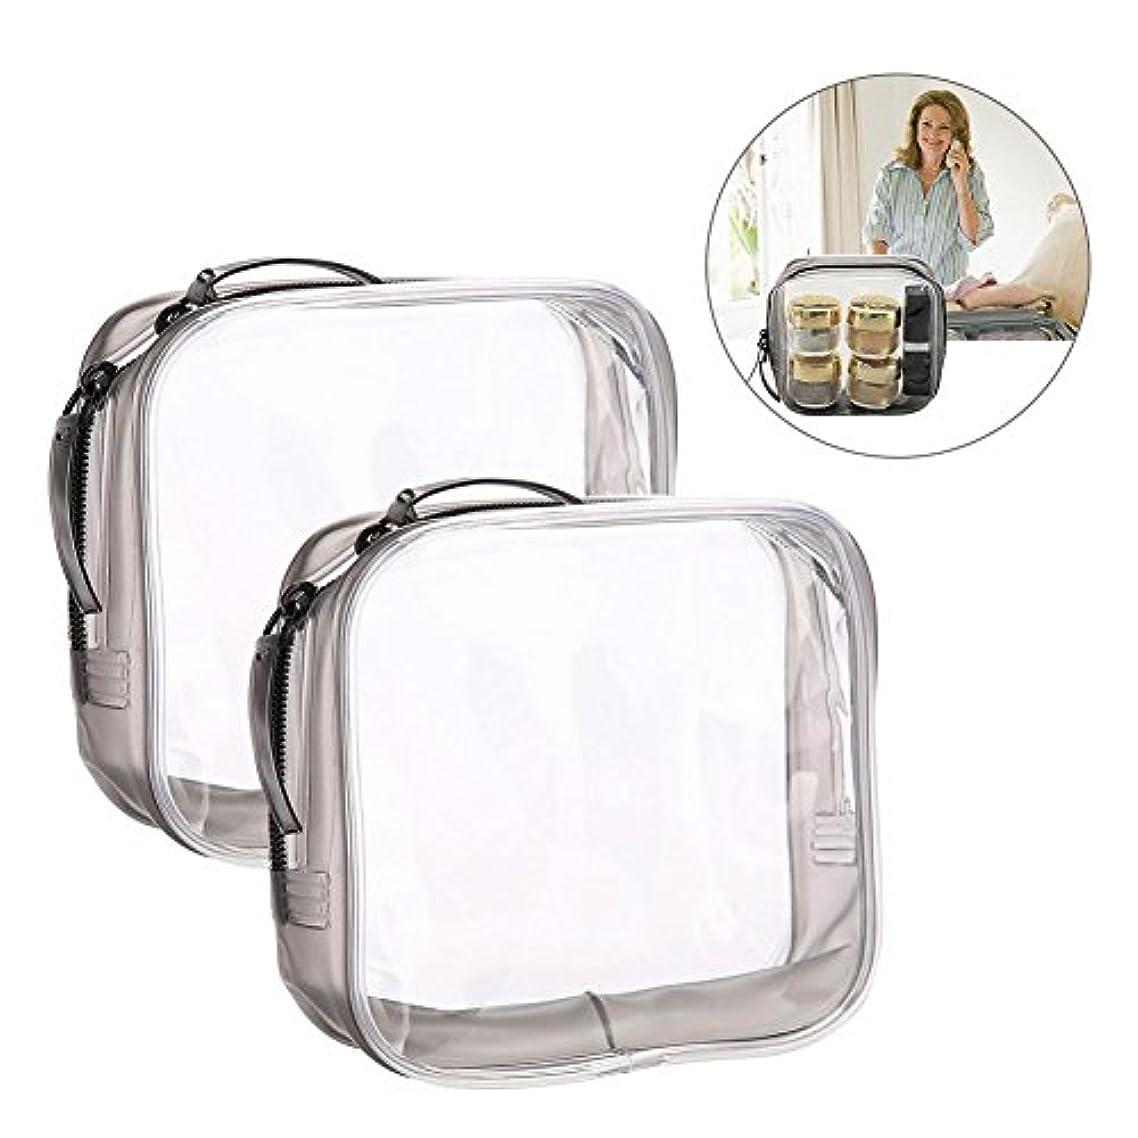 真面目なもつれ溶岩メイクアップバッグ 旅行&家庭用 収納トイレタリー 透明 PVC 化粧品バッグ(S)